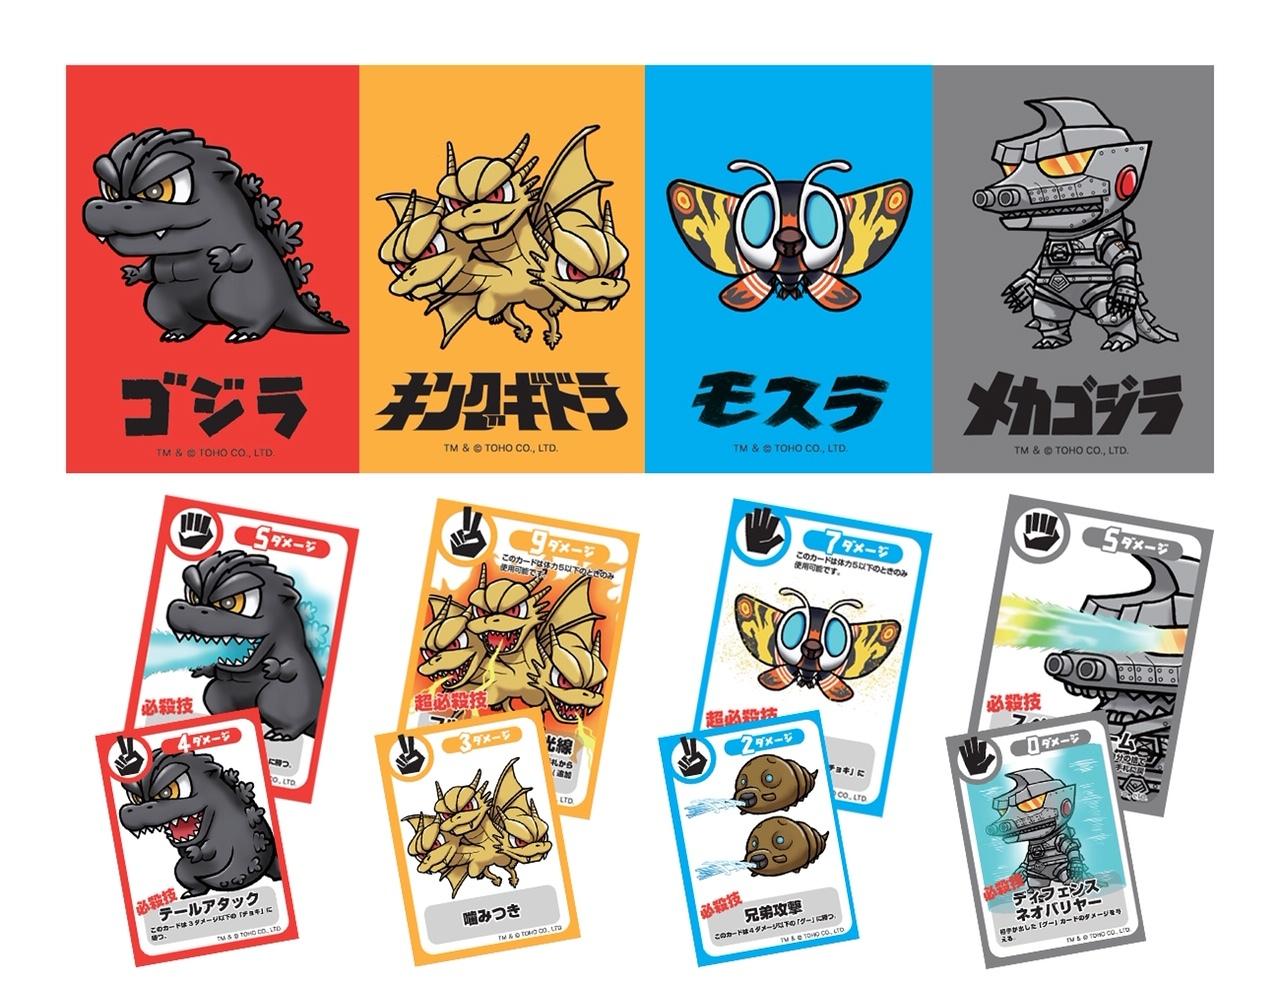 『ゴジラバトル~怪獣カード対決!~』カード TM & (c)TOHO CO., LTD.